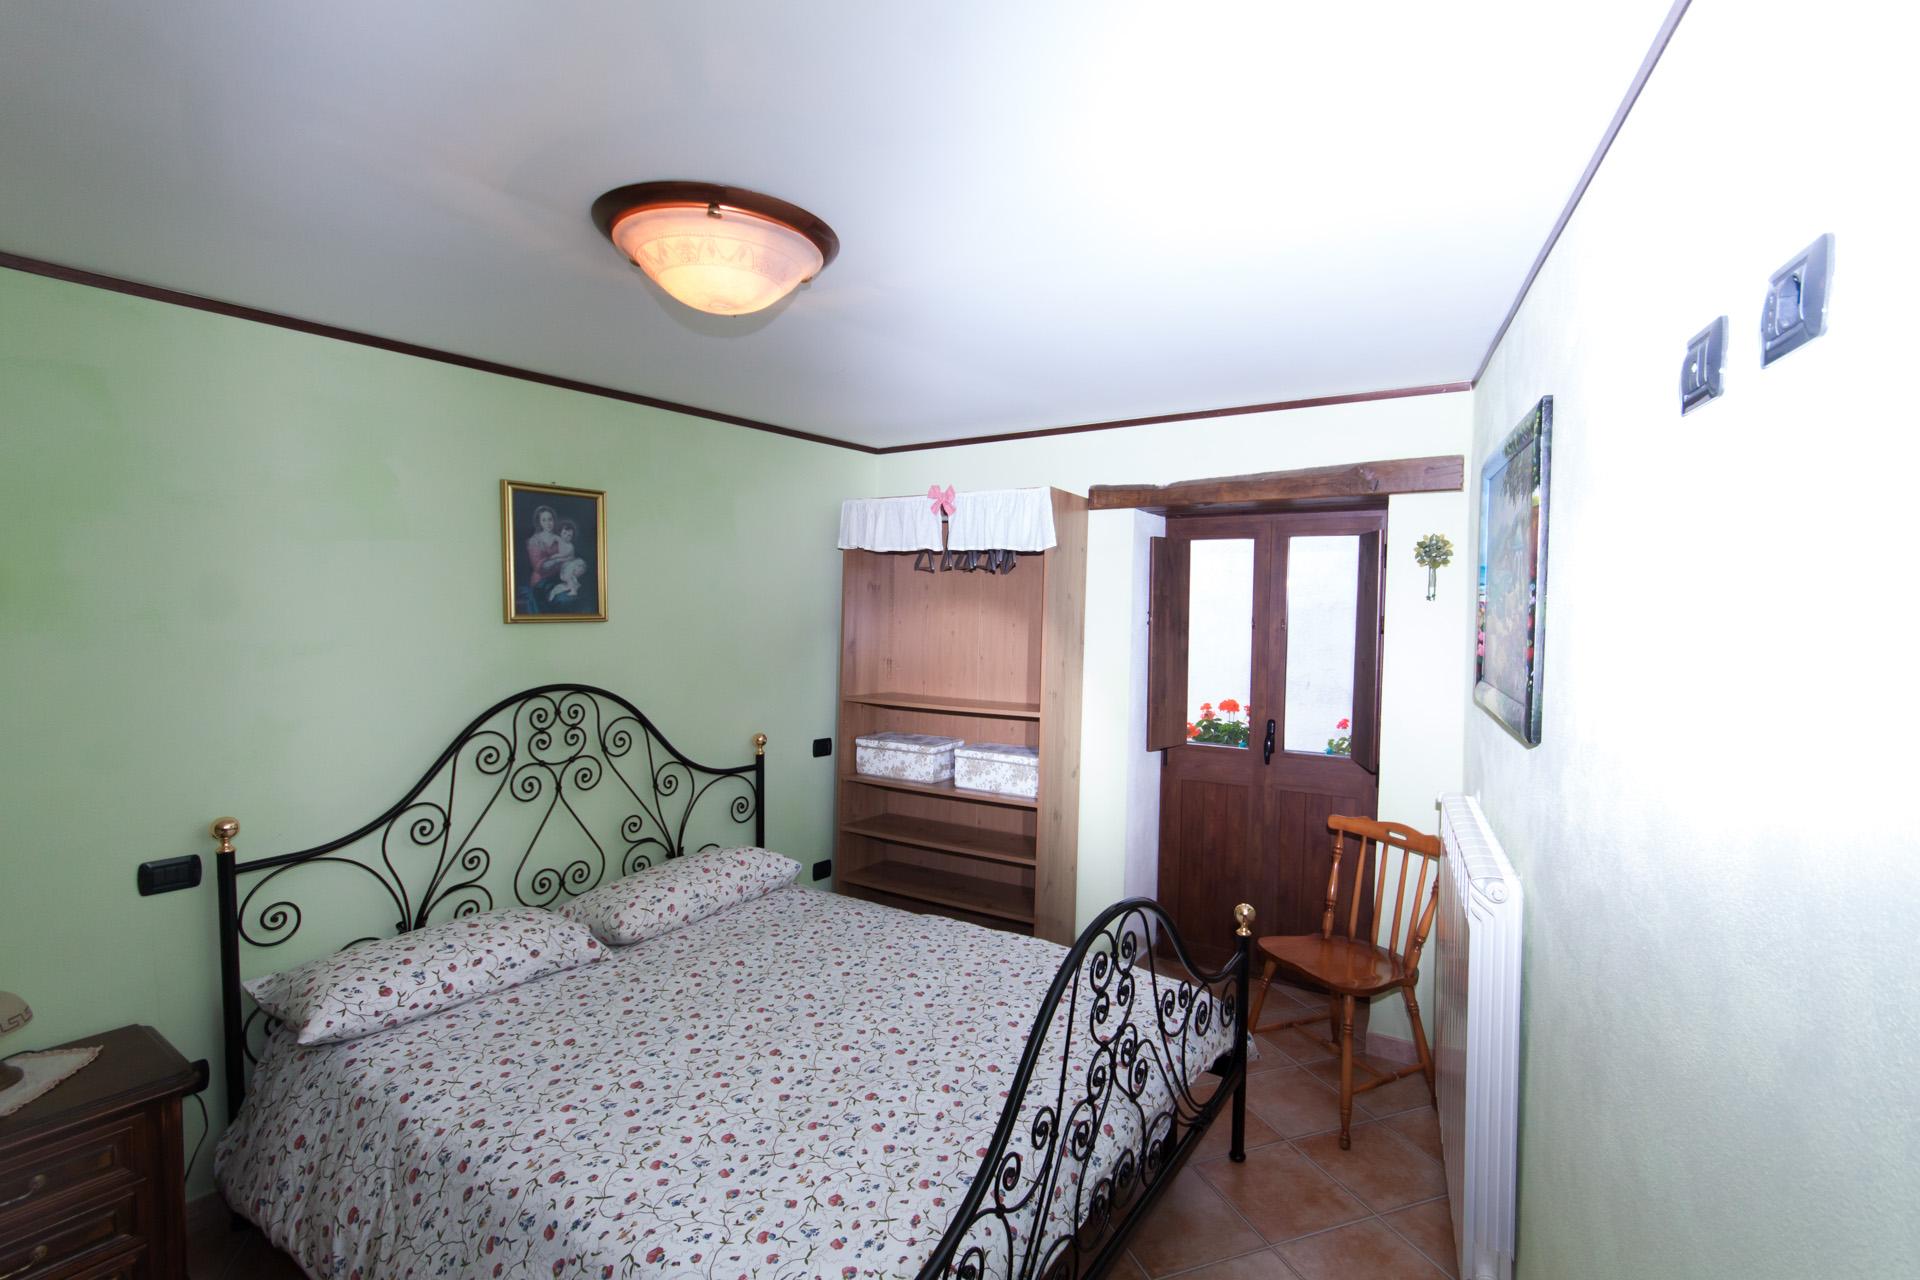 http://www.bebilborgo.com/sito/uploads/2014/07/appartamento-scapoli-zio-tullio-IMG_9776.jpg